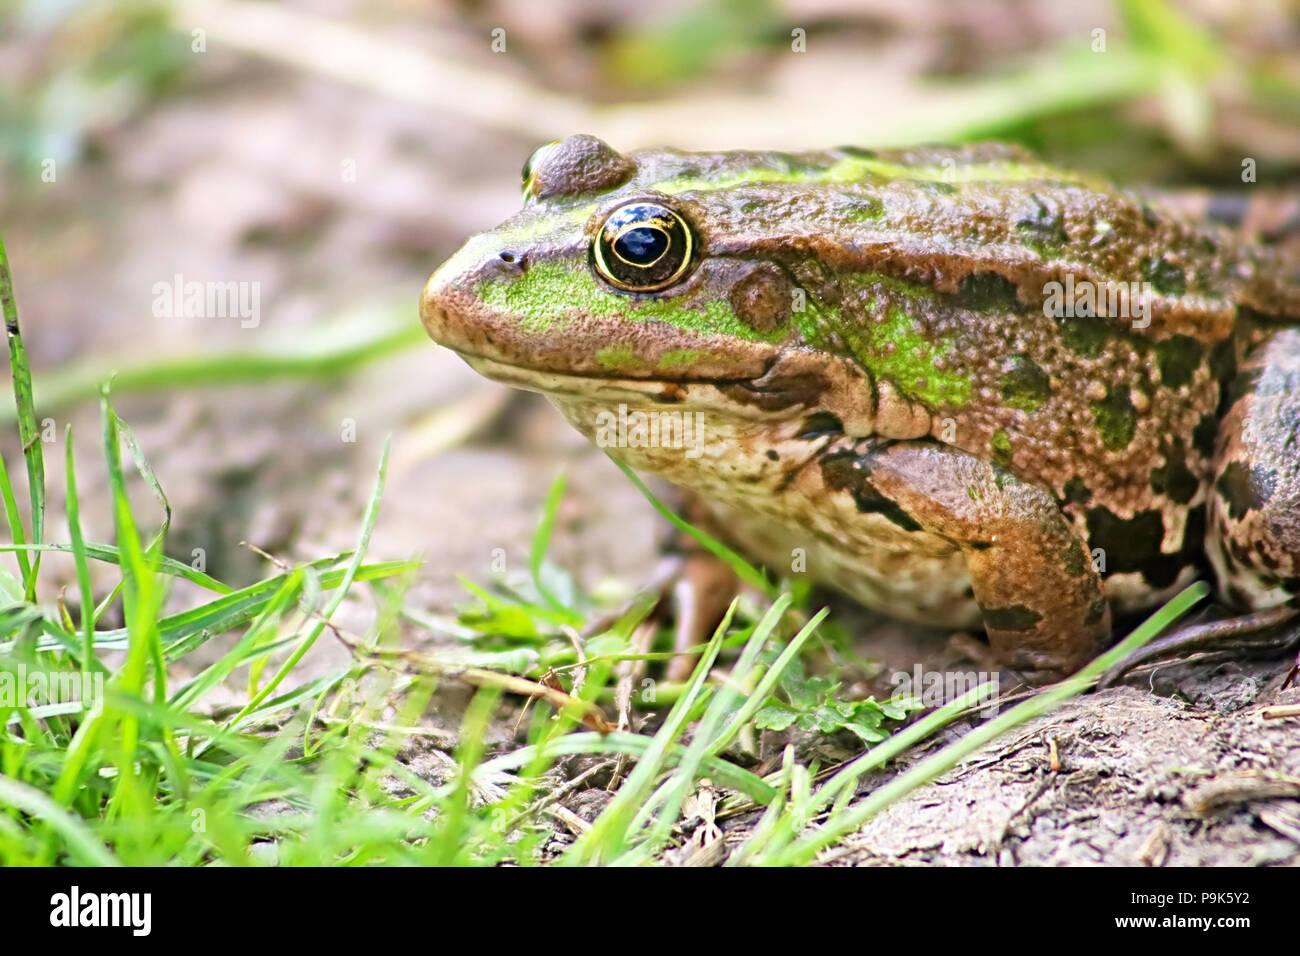 La grenouille des marais (Pelophylax ridibundus appartient à la famille des grenouilles véritables) dans la boue Photo Stock